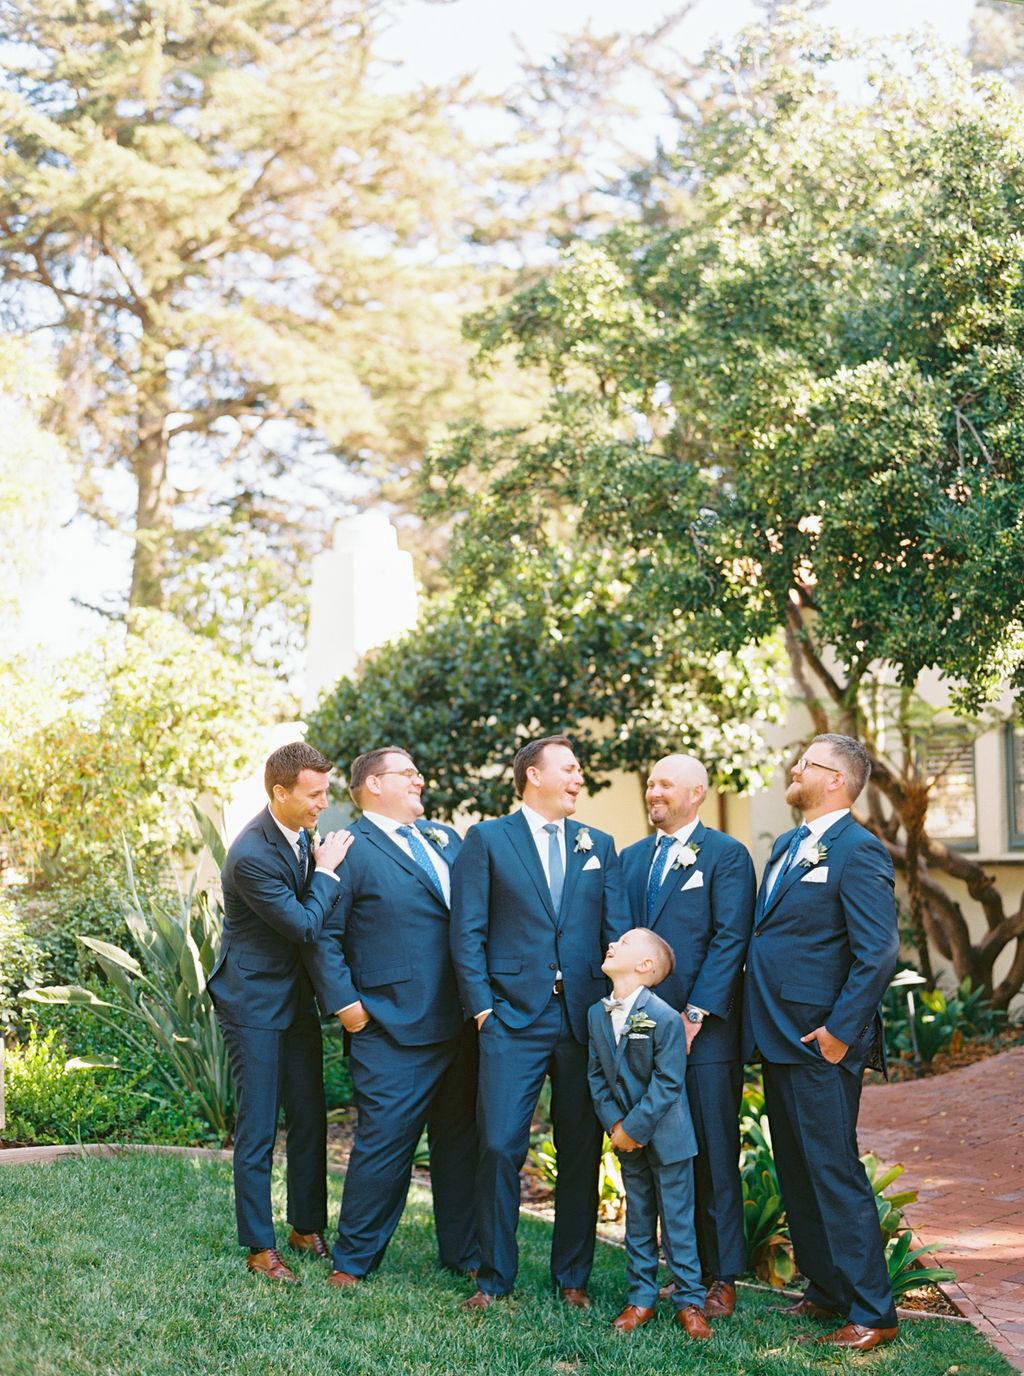 groomsmen style.JPG